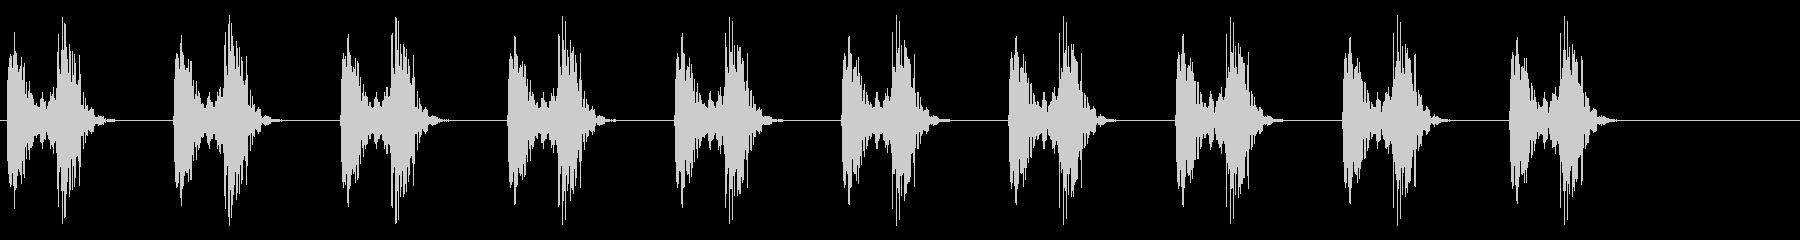 心音、心臓の鼓動_1-2の未再生の波形